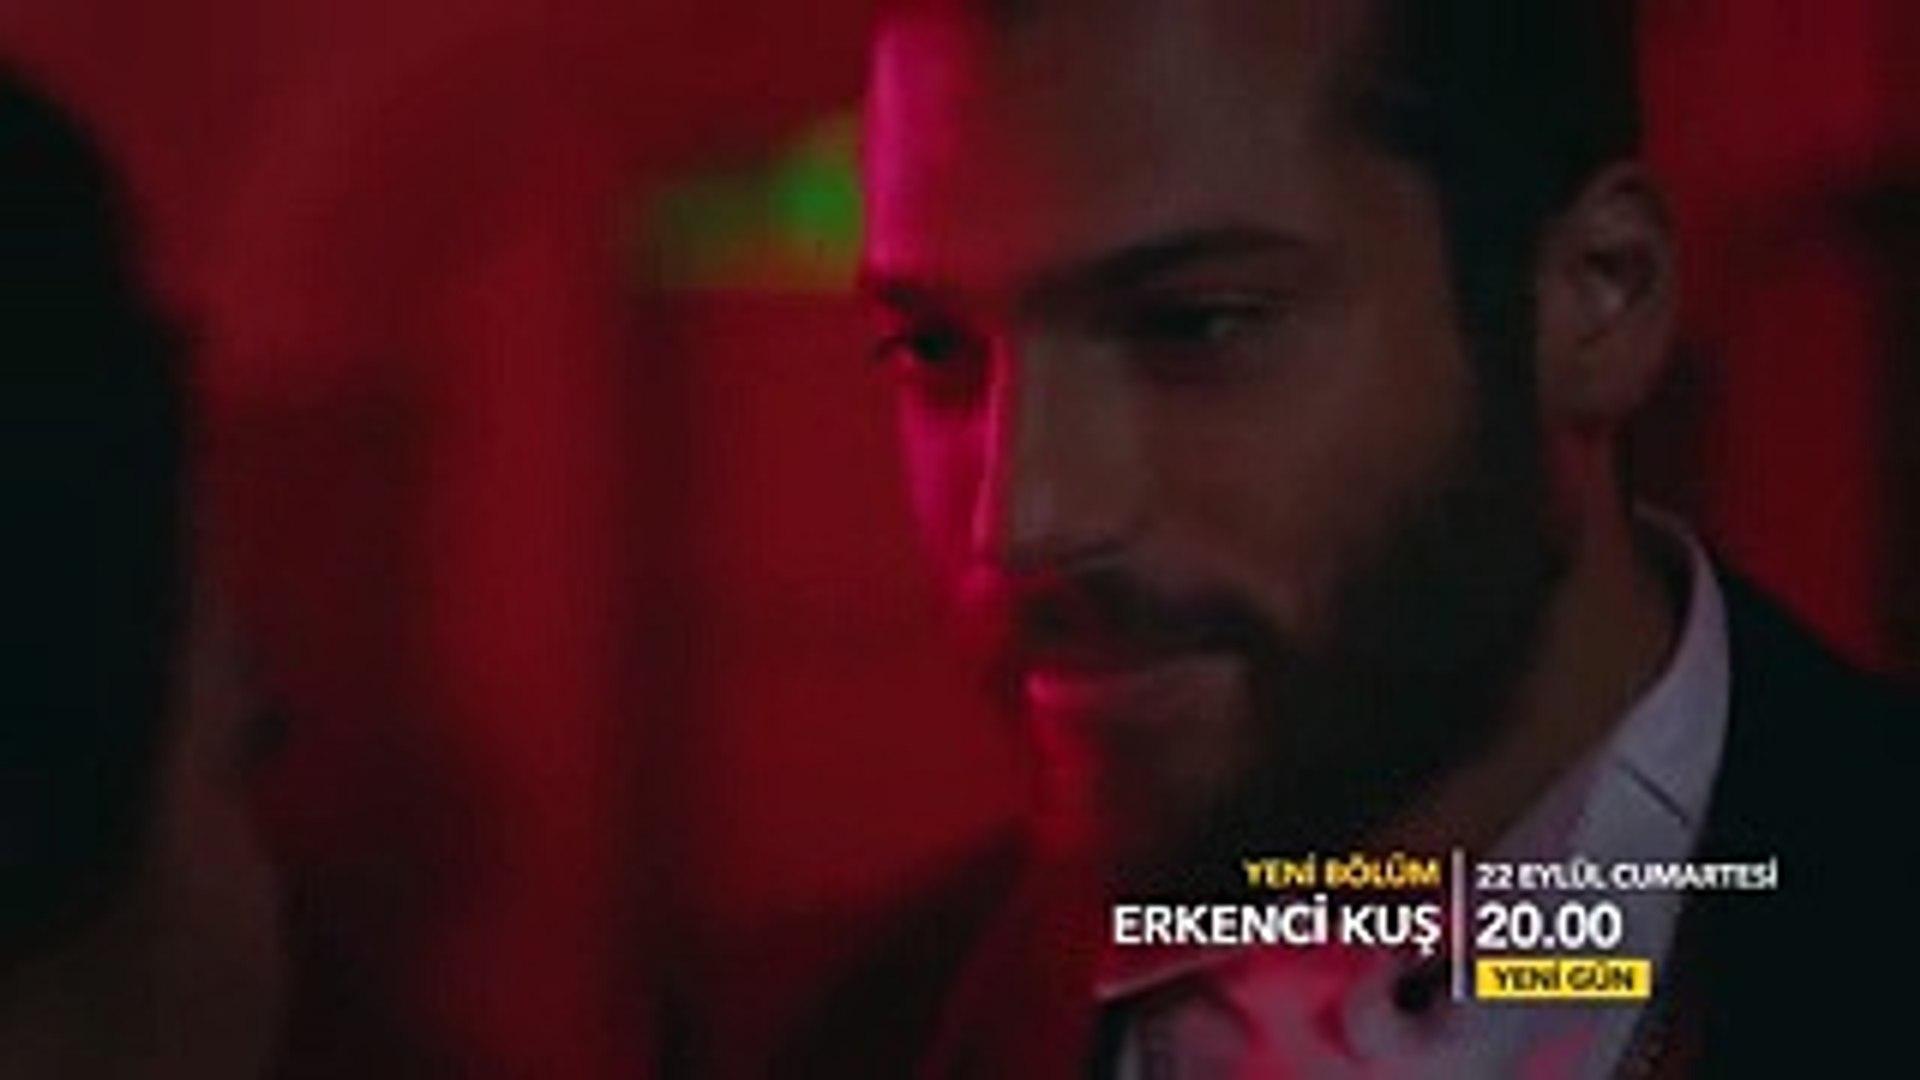 Erkenci Kuş Early Bird Trailer - Episode 12 (Eng & Tur Subs)